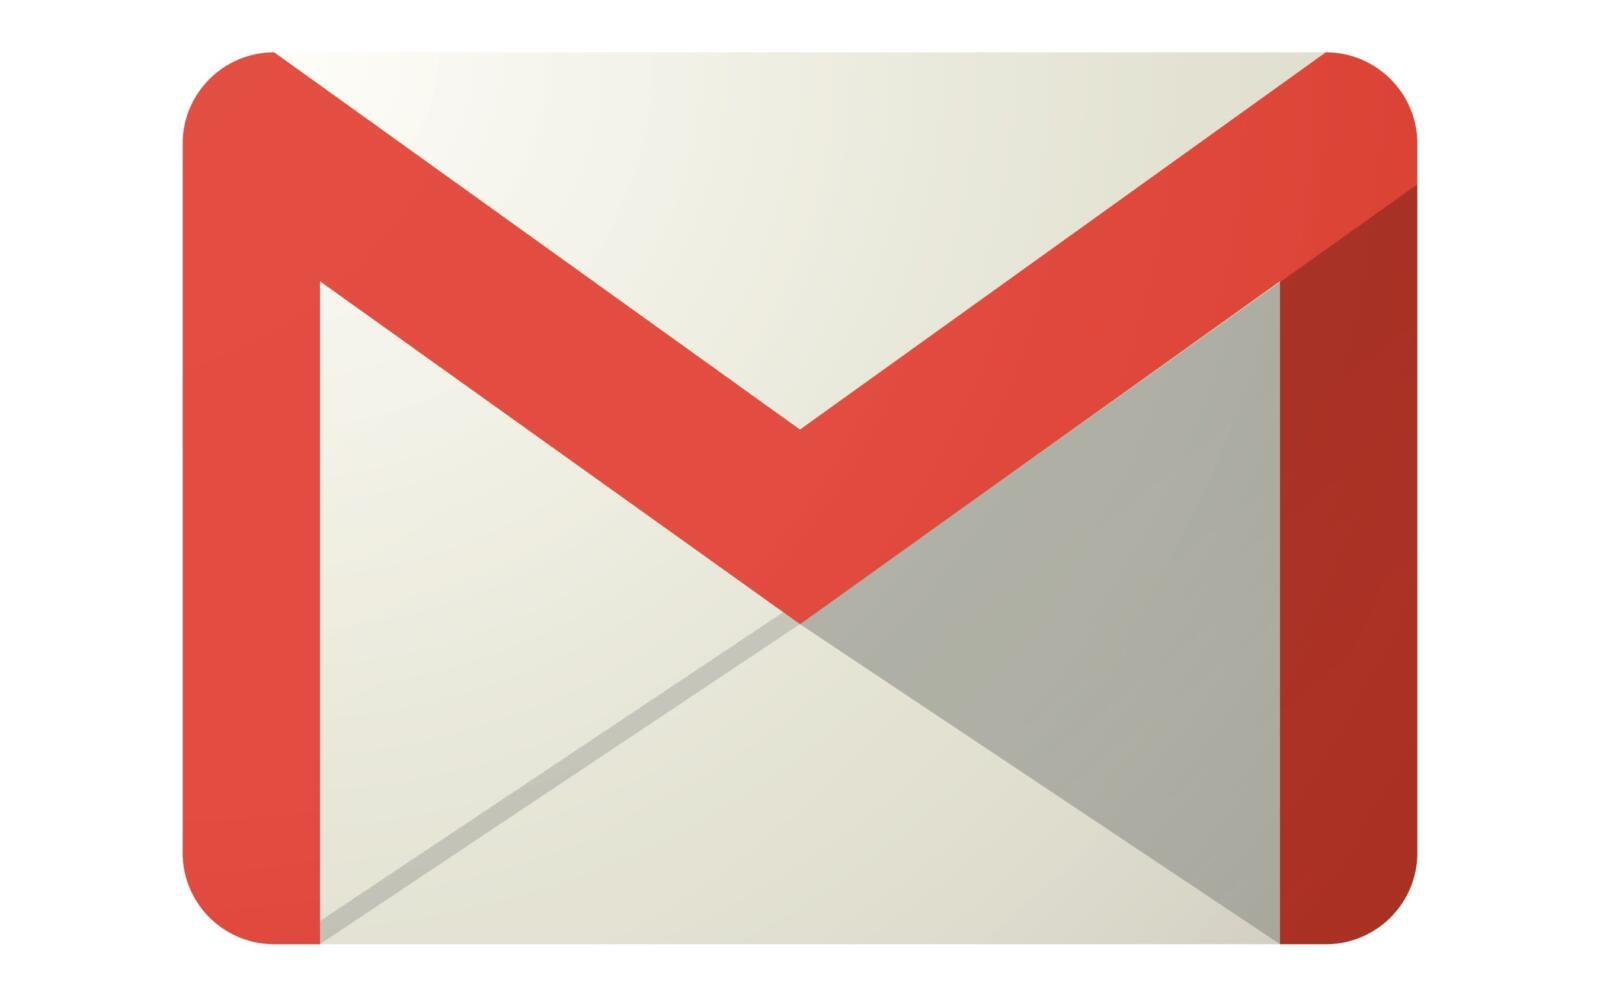 Daten datenschutz E-Mail Gmail Google mail scan werbung